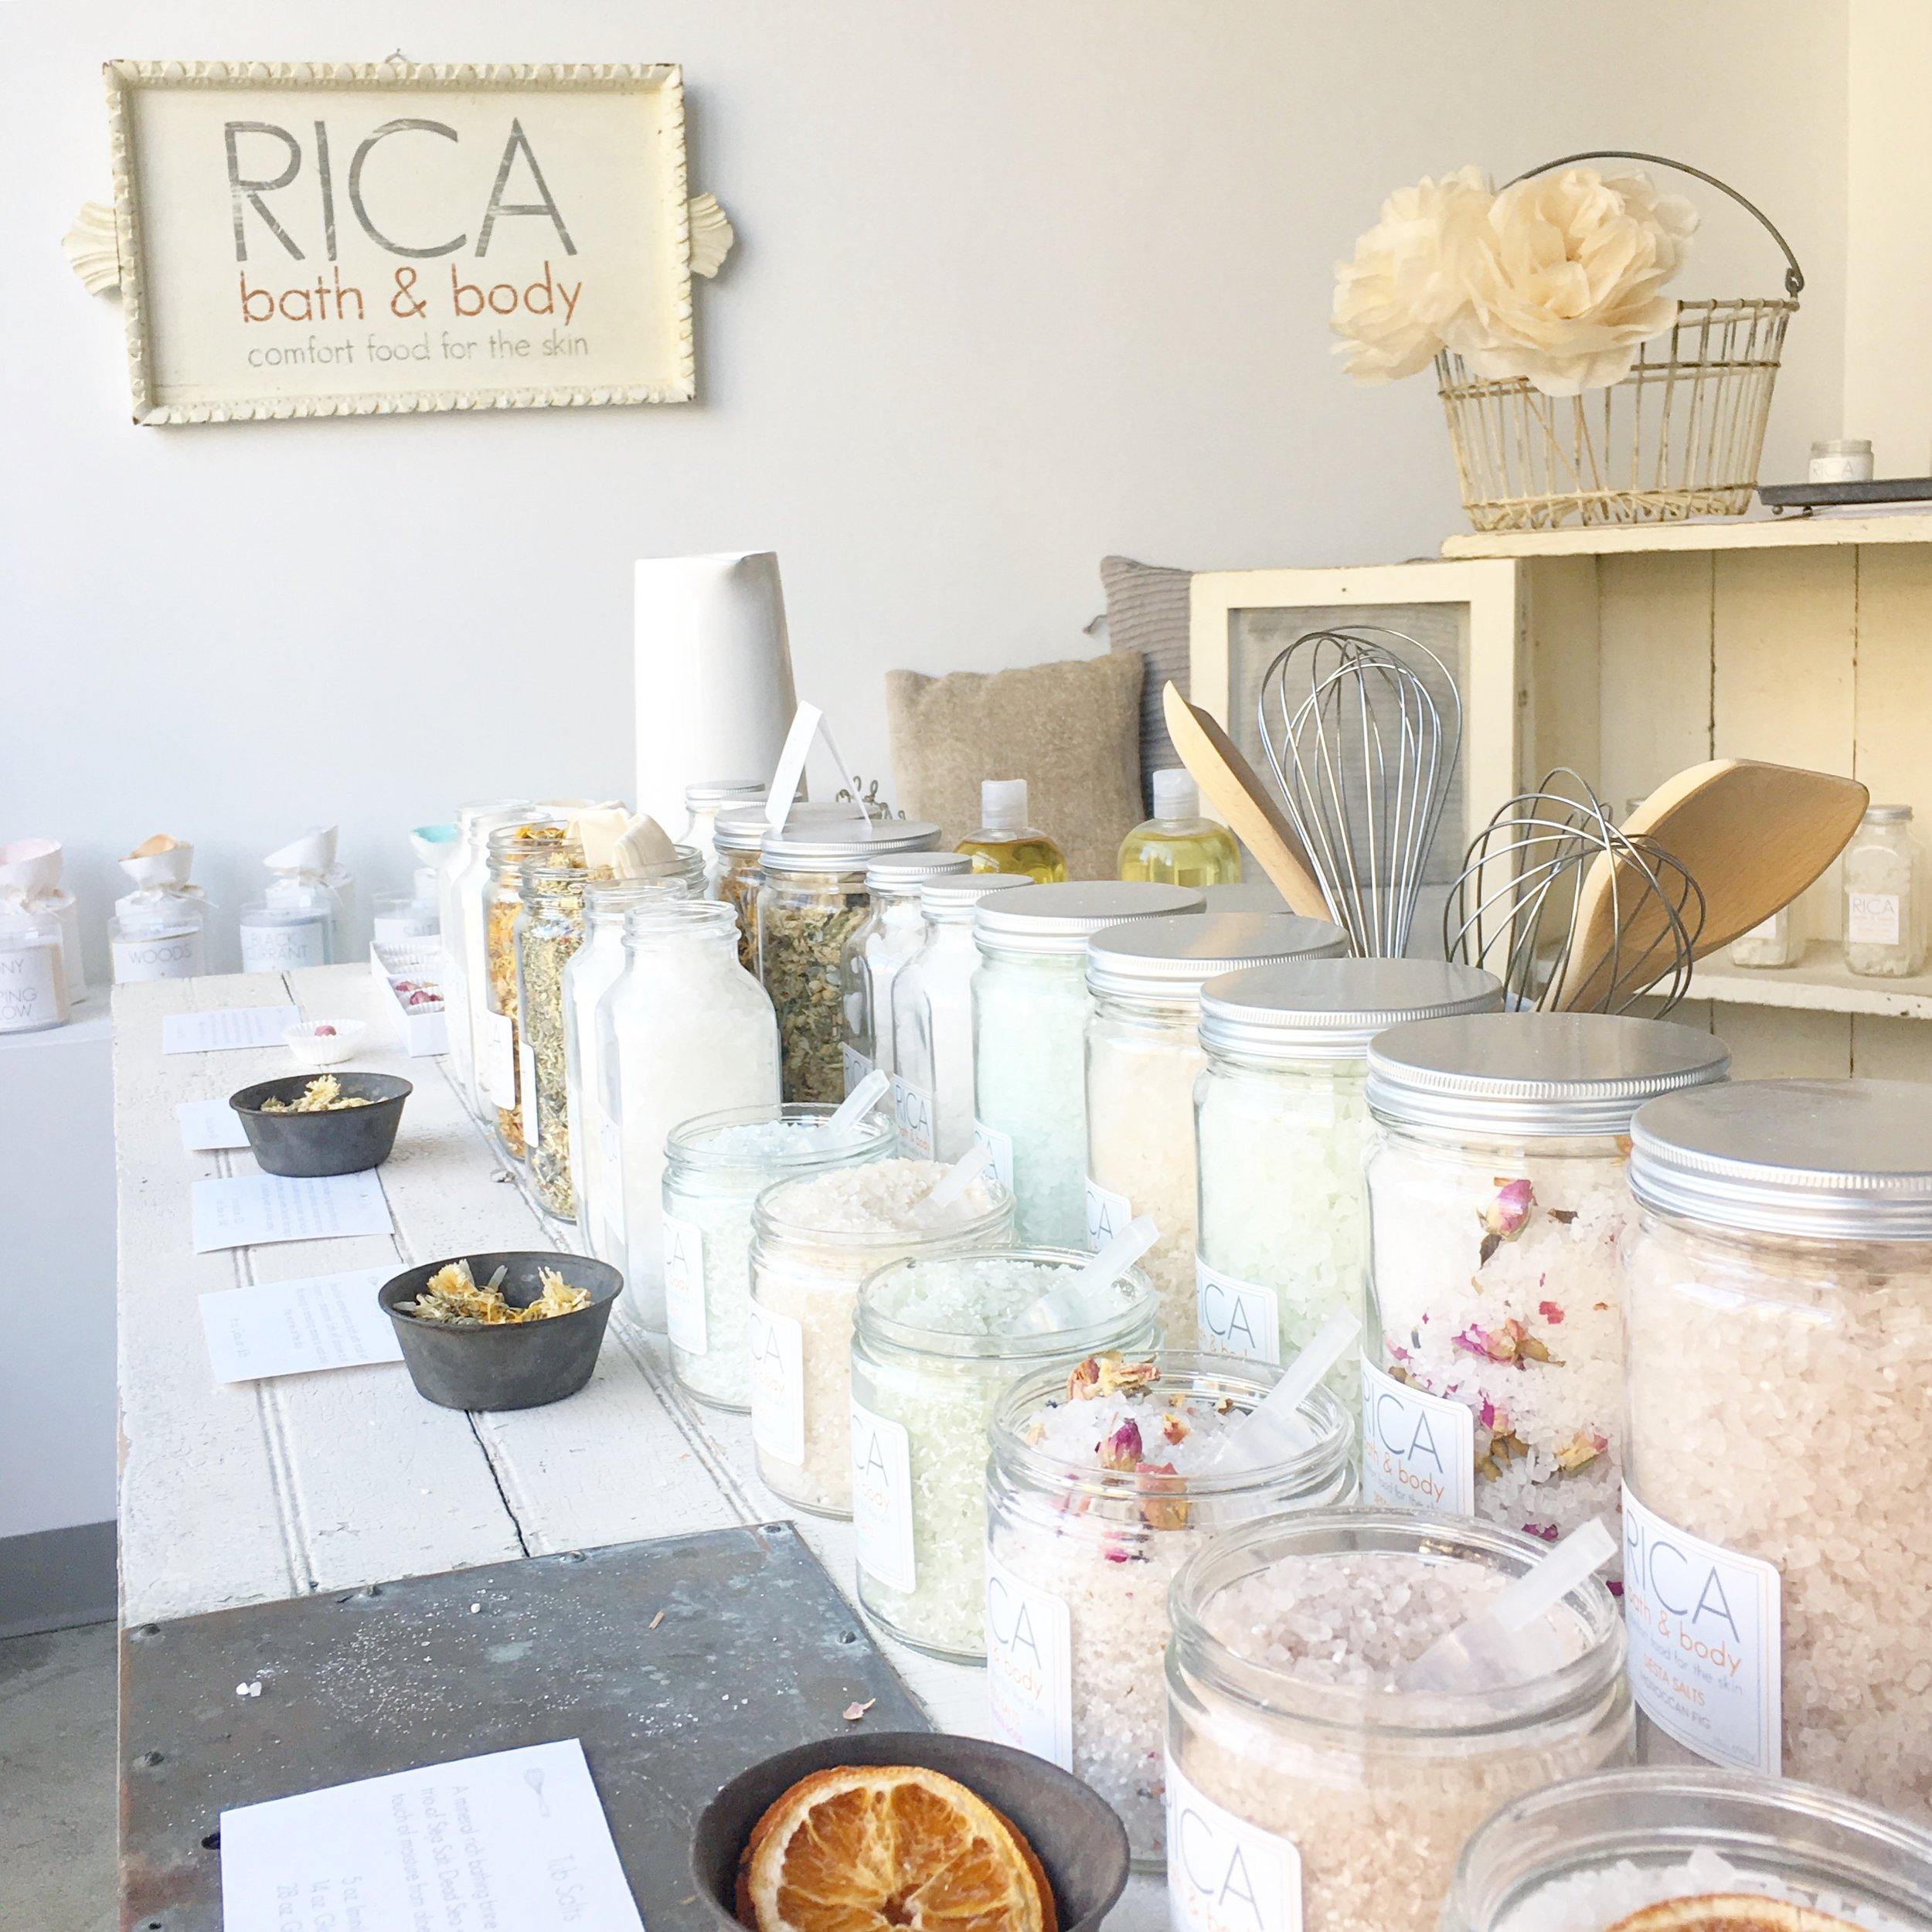 RICA bath + body Flagship Studio Shop in Brooklyn, NY